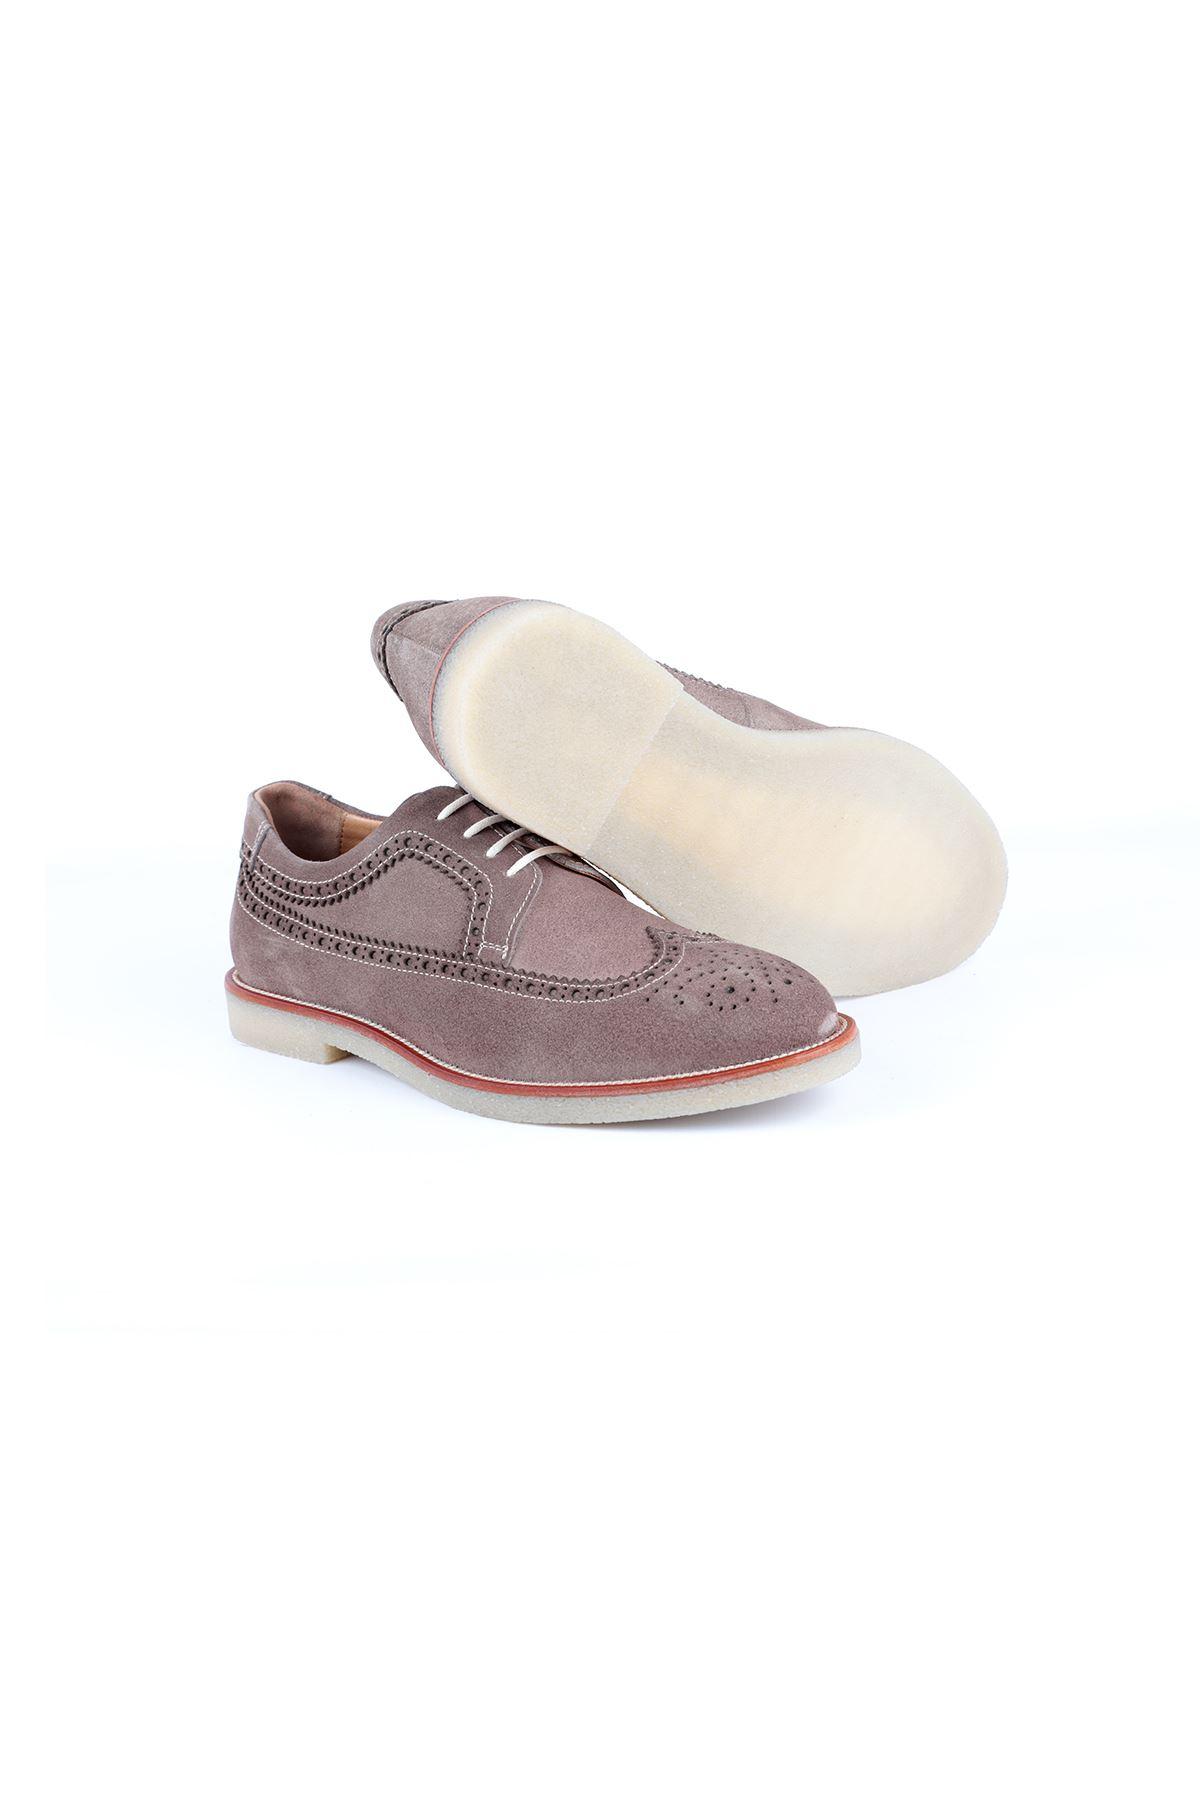 Libero L3743 Mink Casual Men Shoes